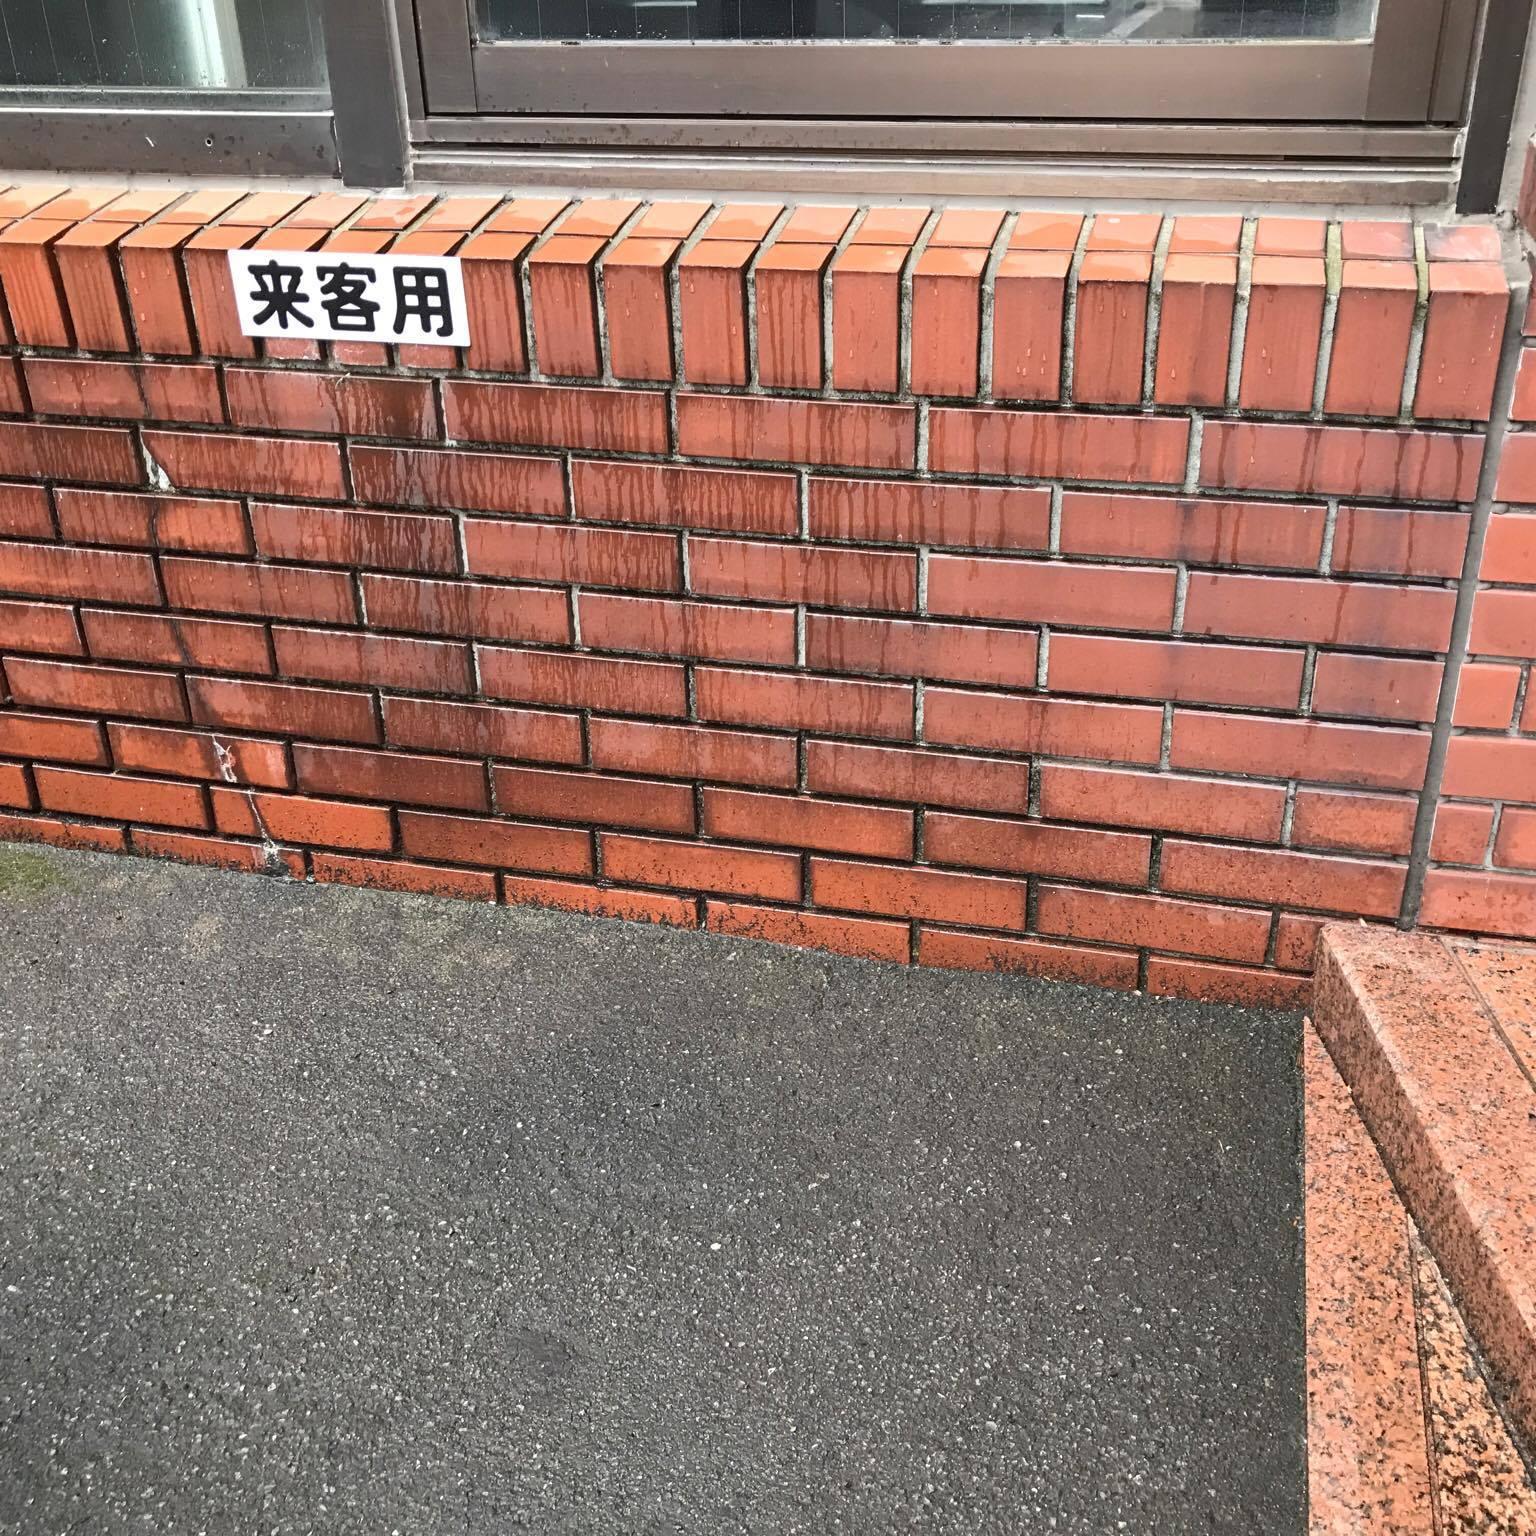 「コンクリートで不幸になる人をなくす」 漏水・止水・タイル・外壁・開口部